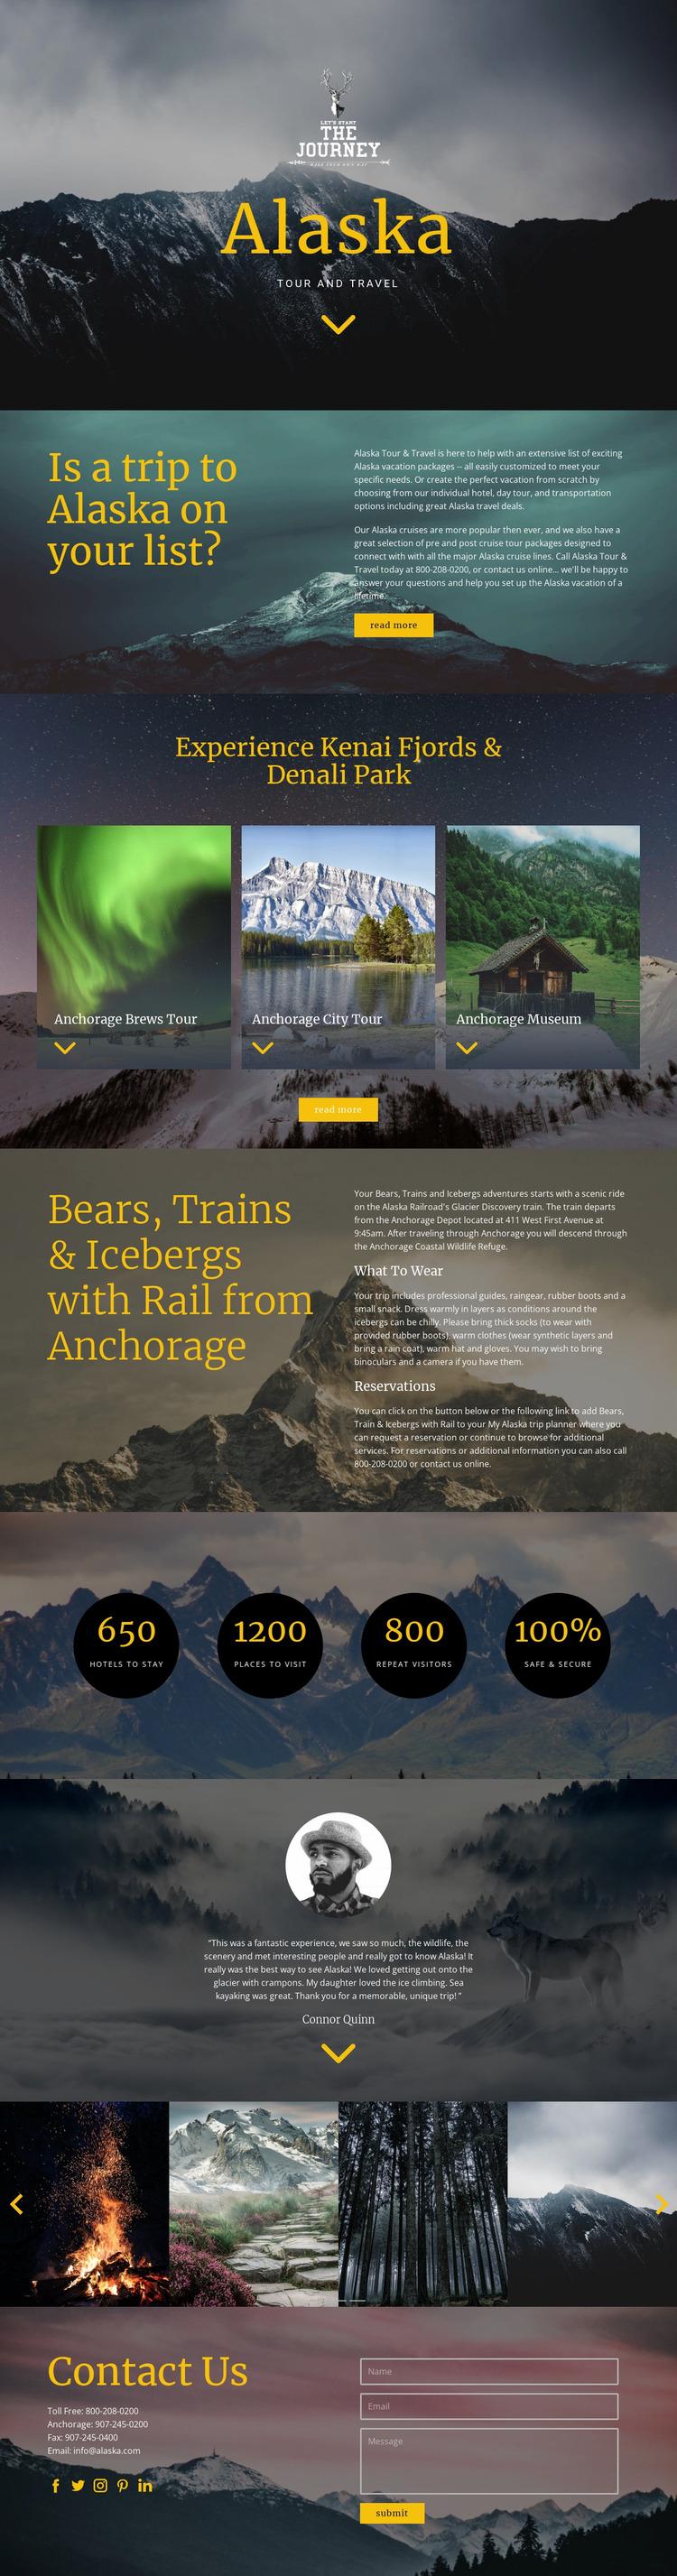 Alaska Travel Website Mockup